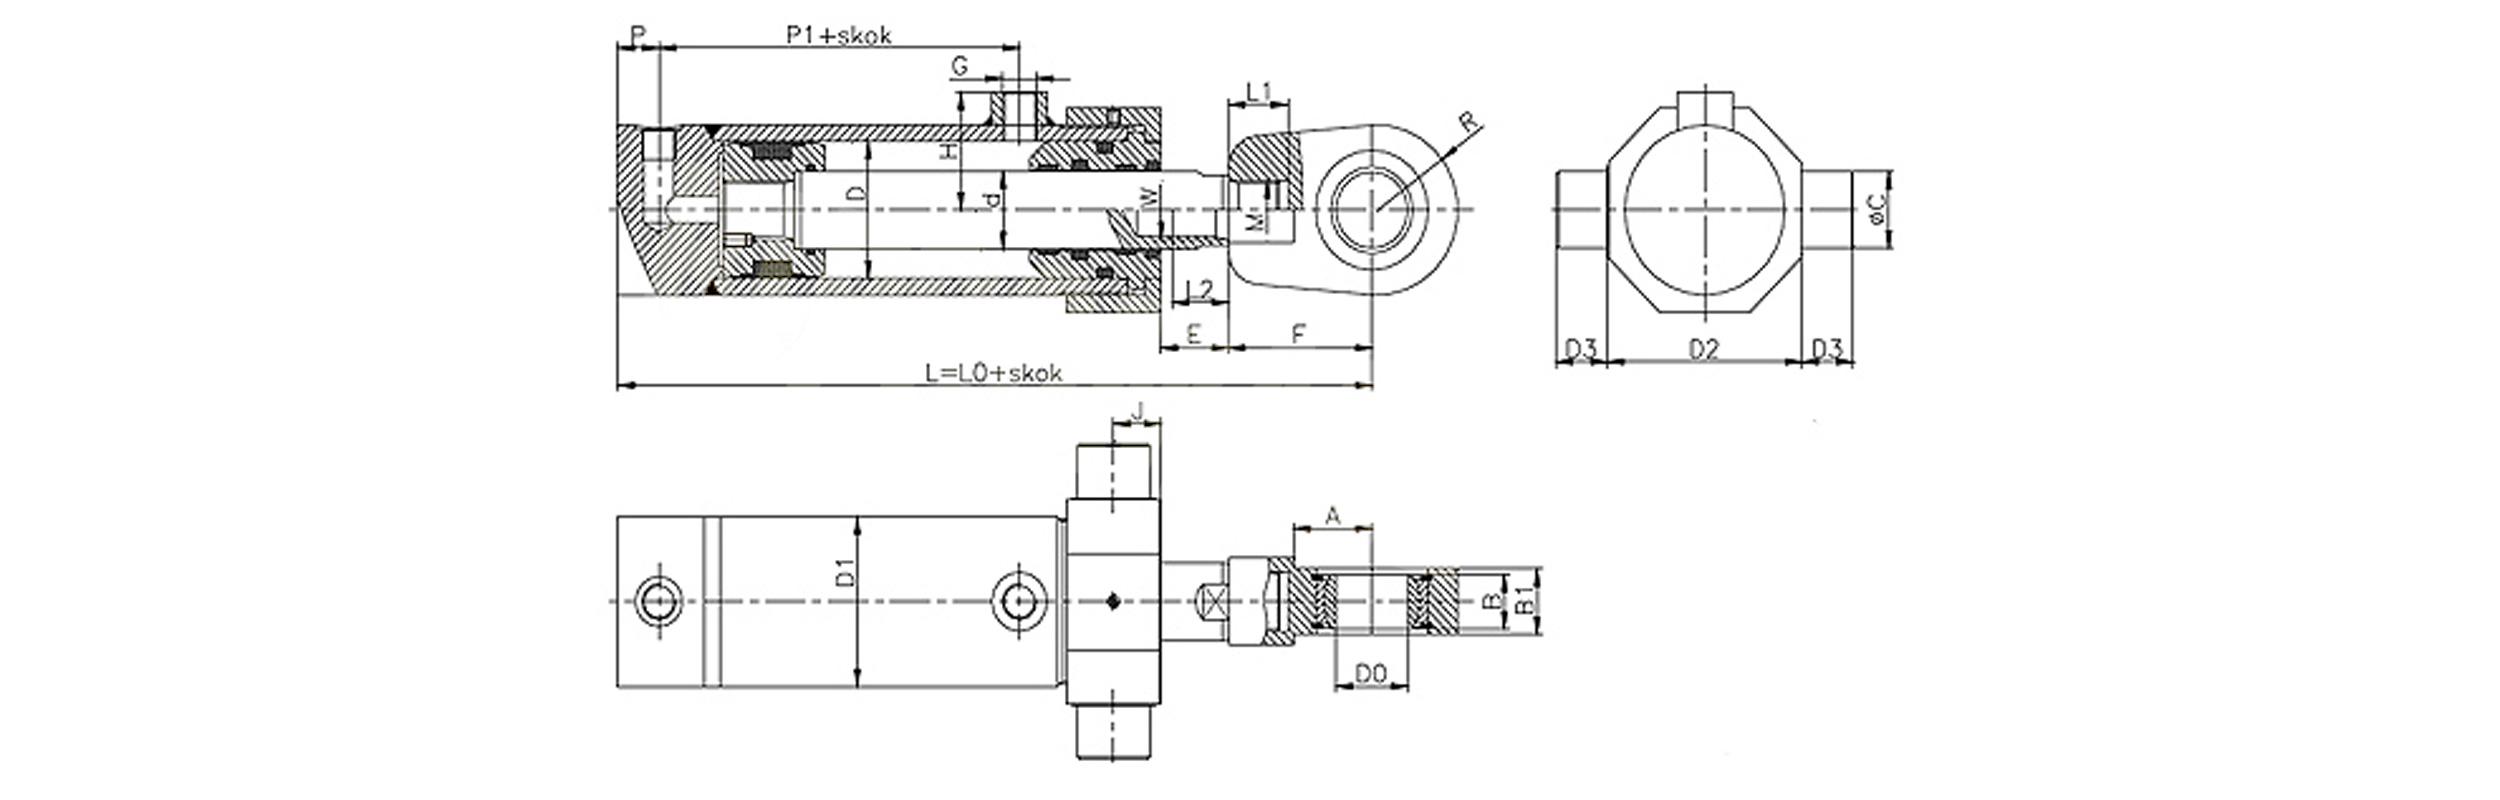 Siłownik hydrauliczny dwustronnego działania CP produkcji firmy Bipromasz - wymiary